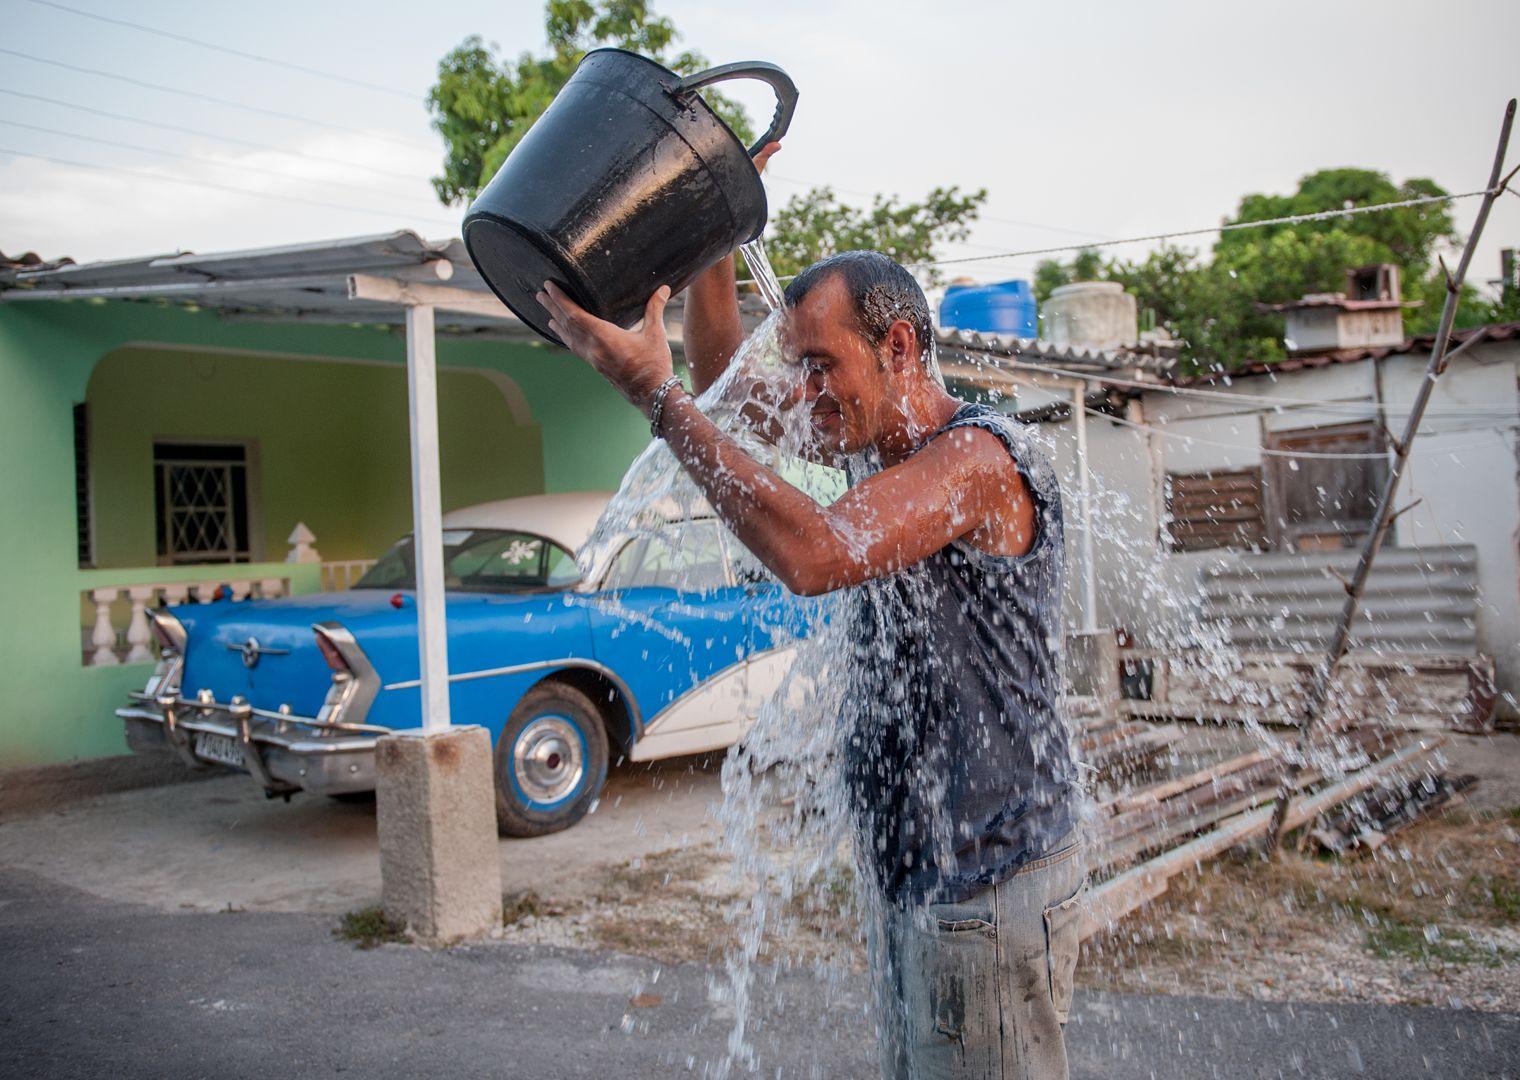 Cuba registra diez récords de temperatura máxima en julio